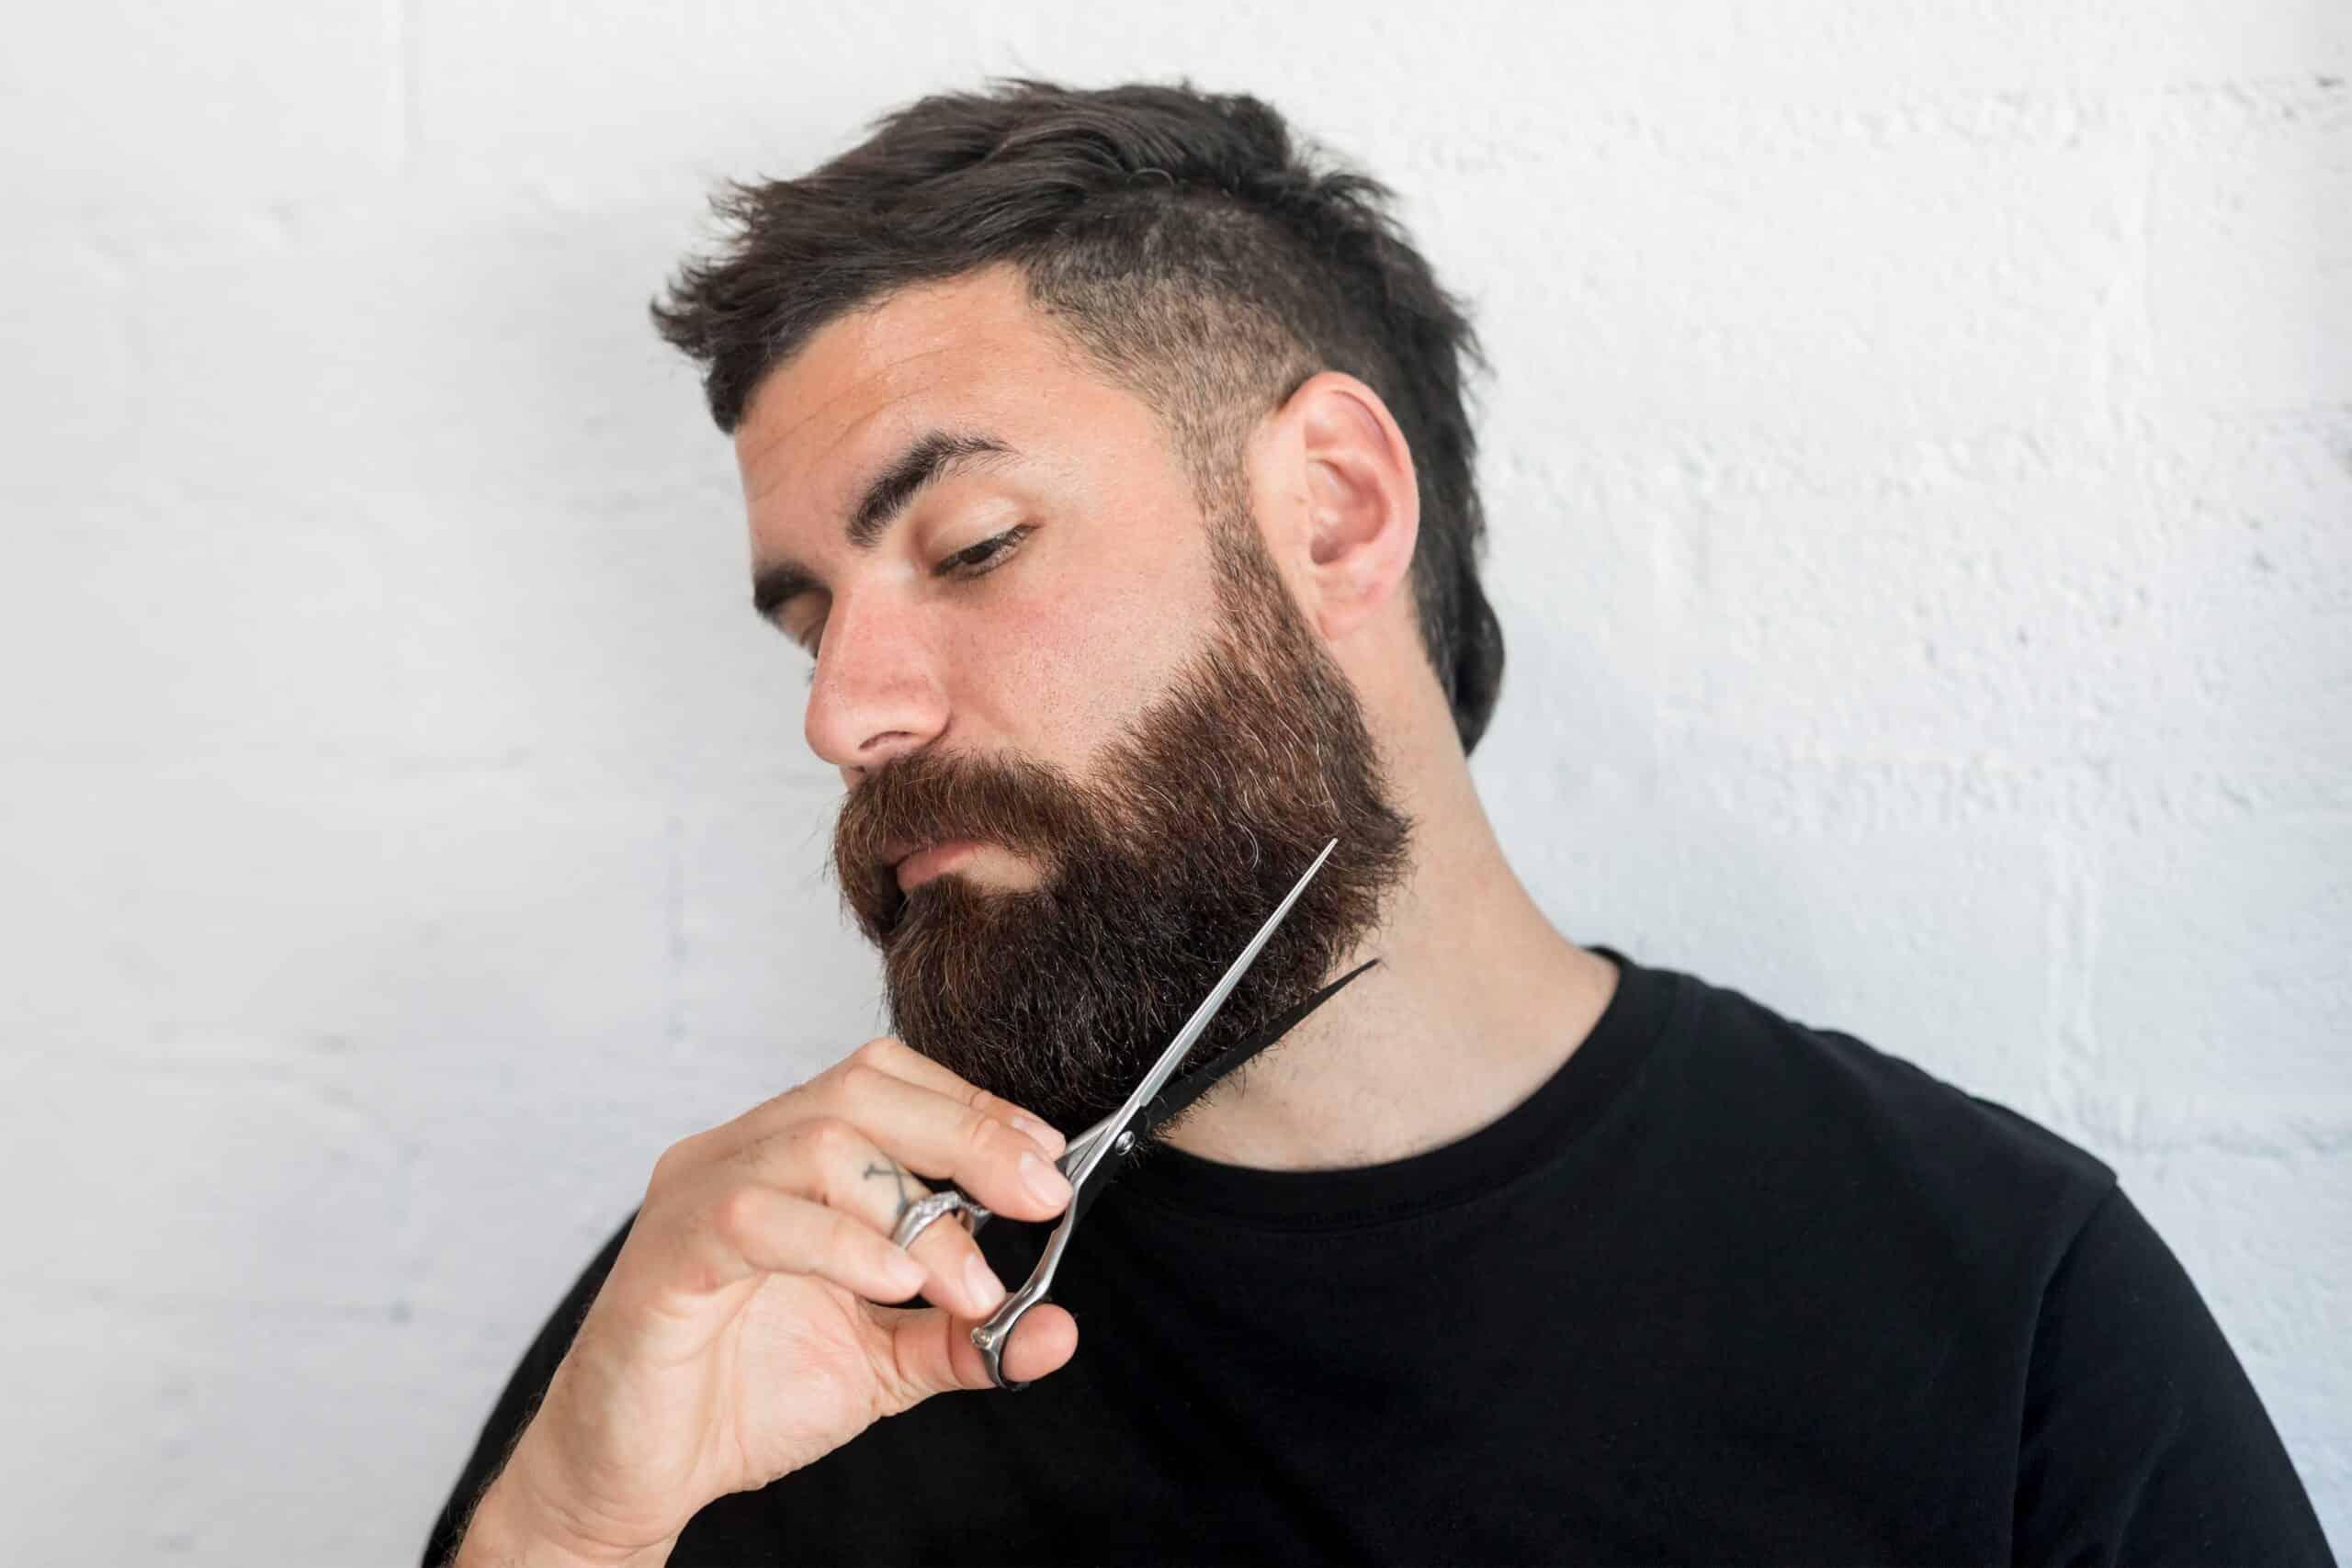 Capa---cuidados-com-a-barba-tudo-que-você-precisa-saber